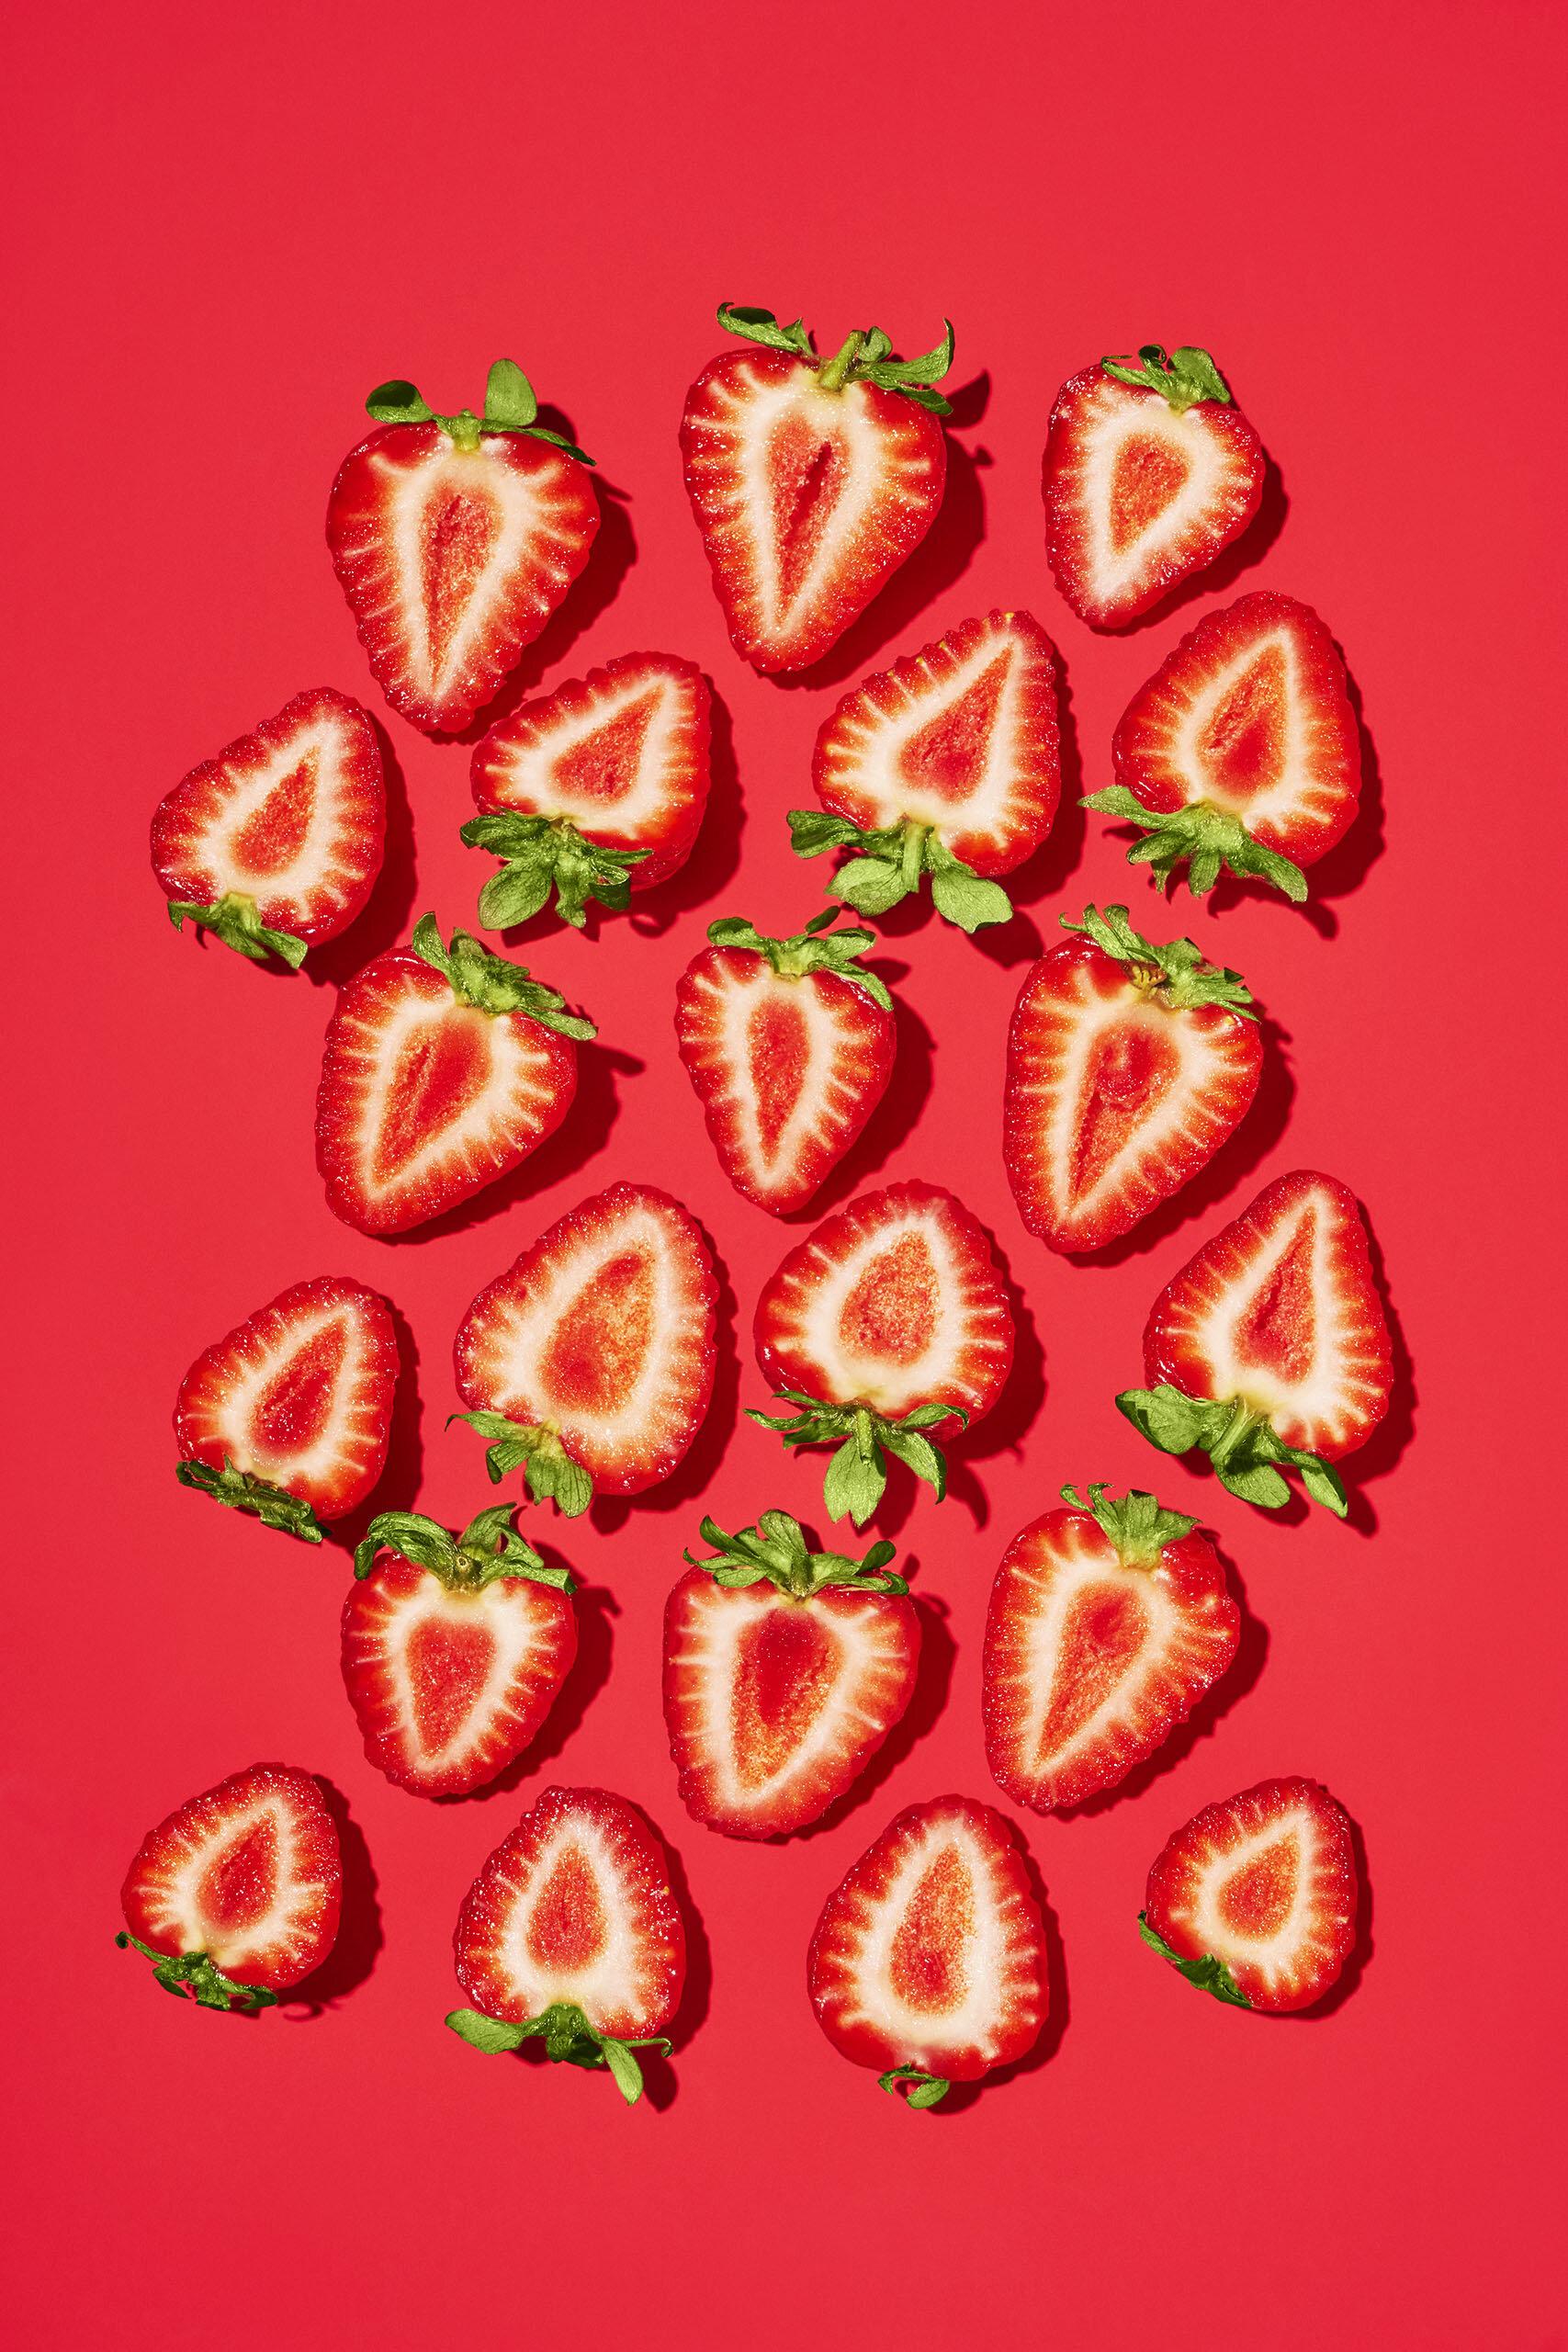 190529-PLENTY-StrawberrySlice-0050_D.jpg